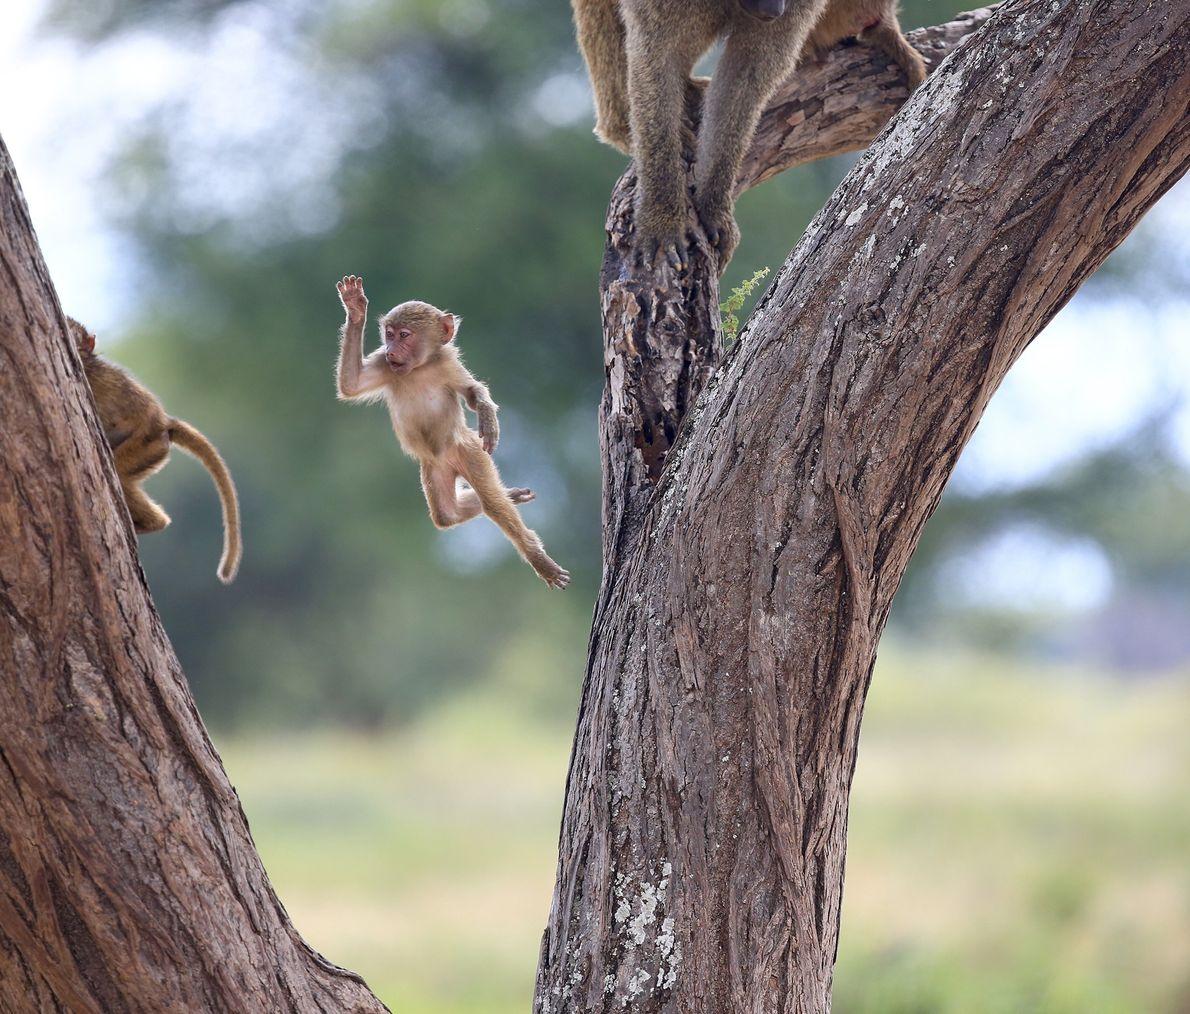 A leaping baby baboon in Lake Manyara National Park, Tanzania.